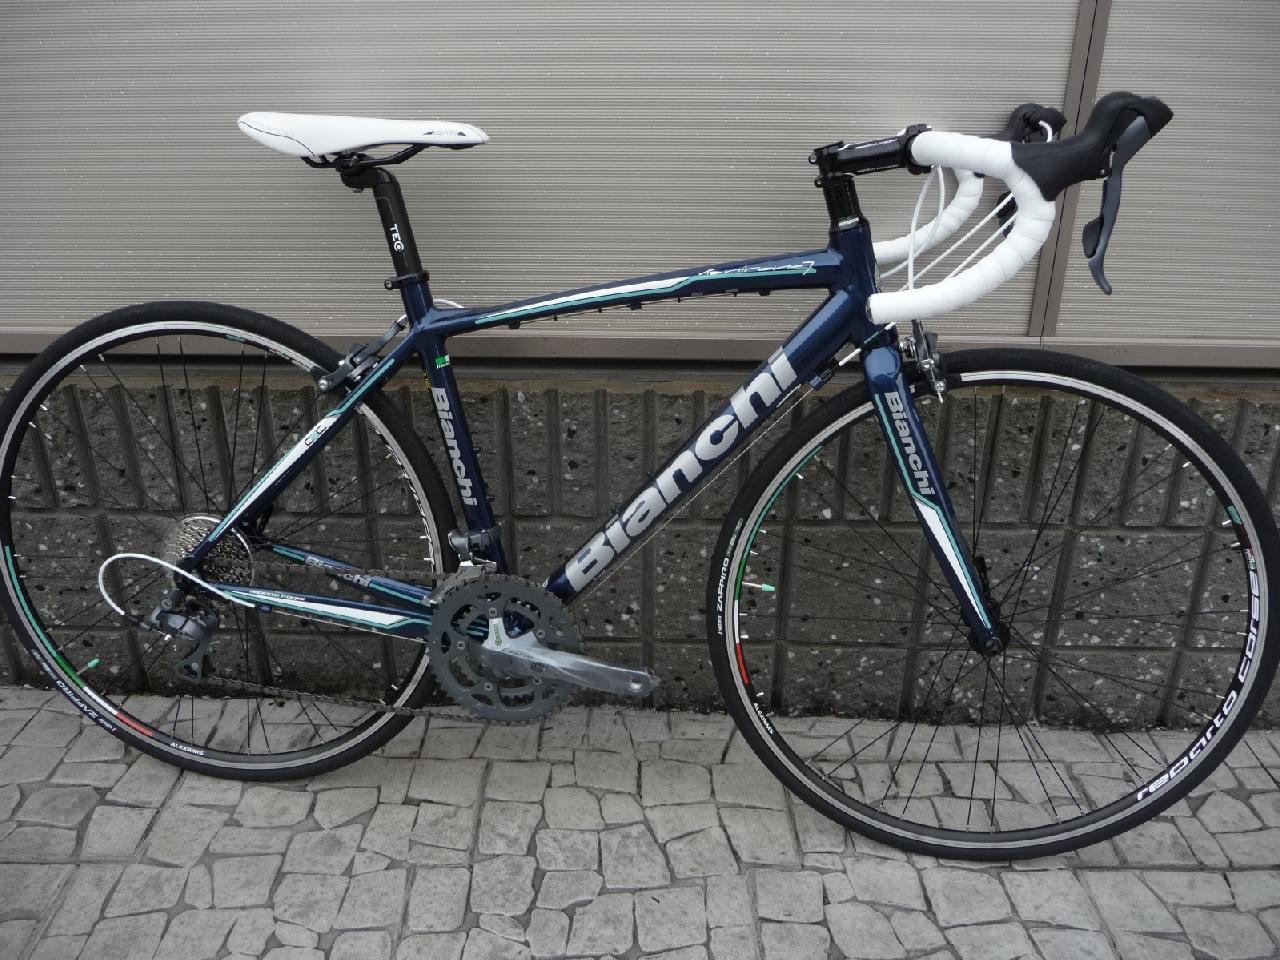 自転車の 自転車 コンポーネントとは : 写真をクリックすると拡大 ...